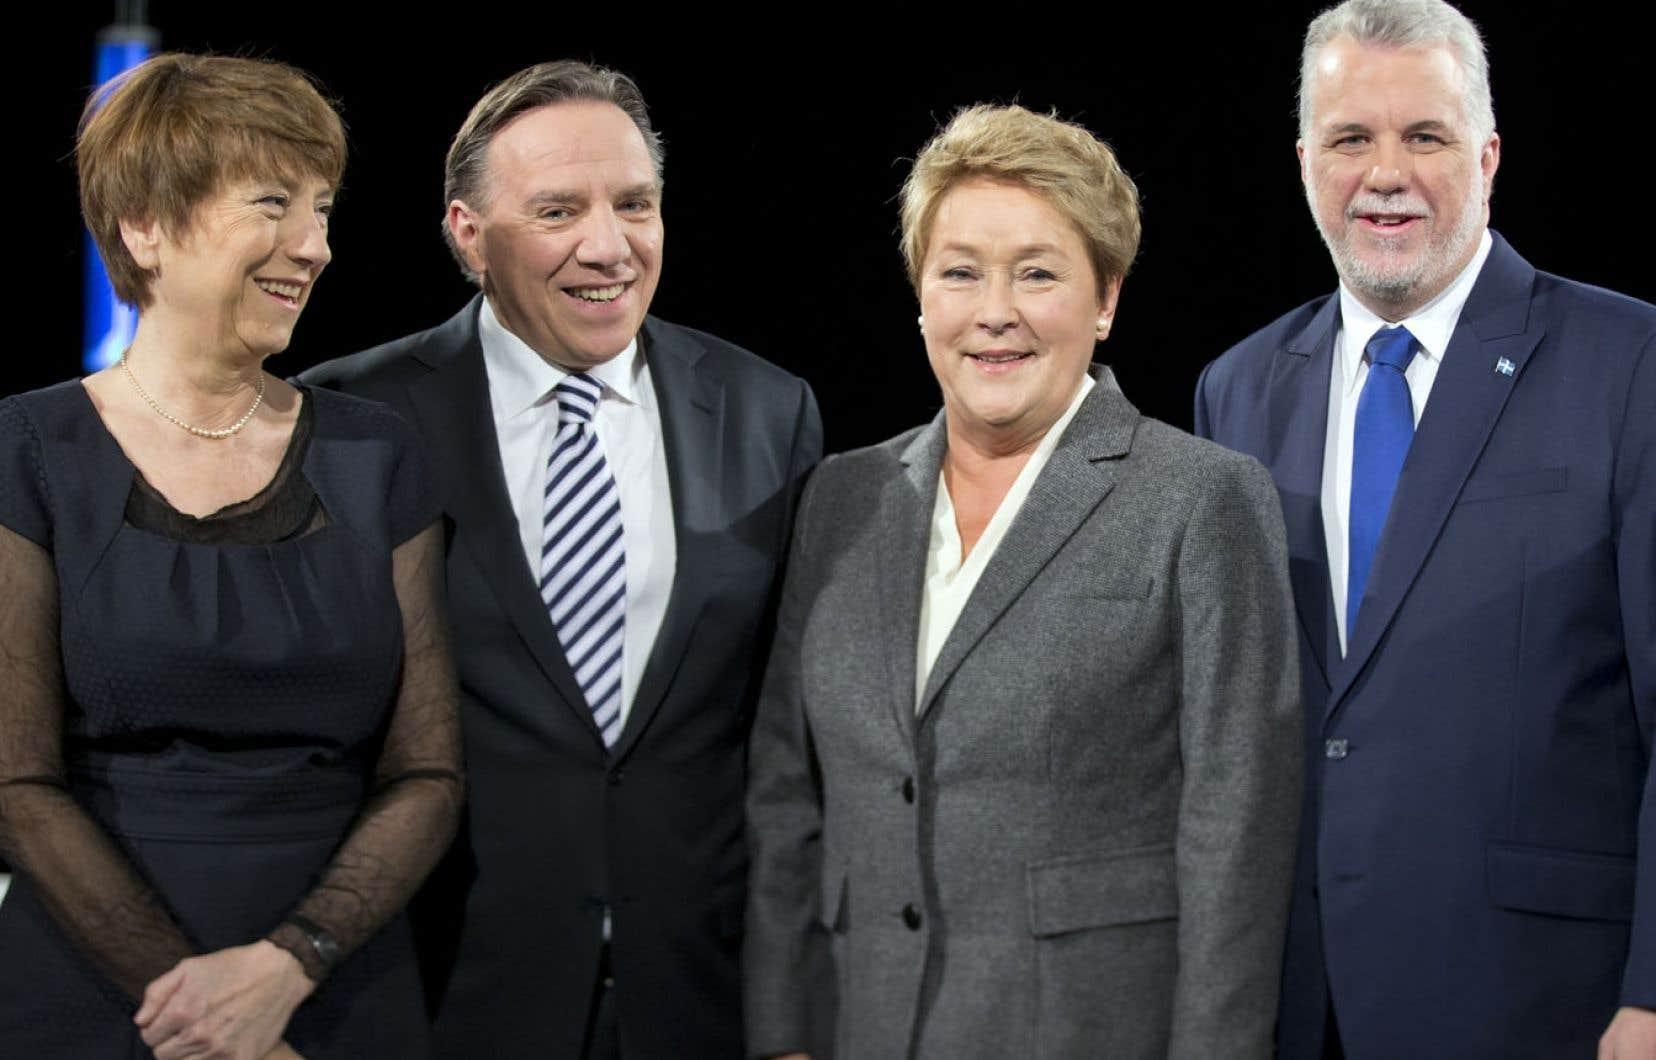 Françoise David, François Legault, Pauline Marois et Philippe Couillard s'affrontaient jeudi soir lors du premier débat télévisé de la campagne. Témoin d'une lutte serrée dans les sondages, le ton a souvent monté entre les chefs péquiste et libéral.